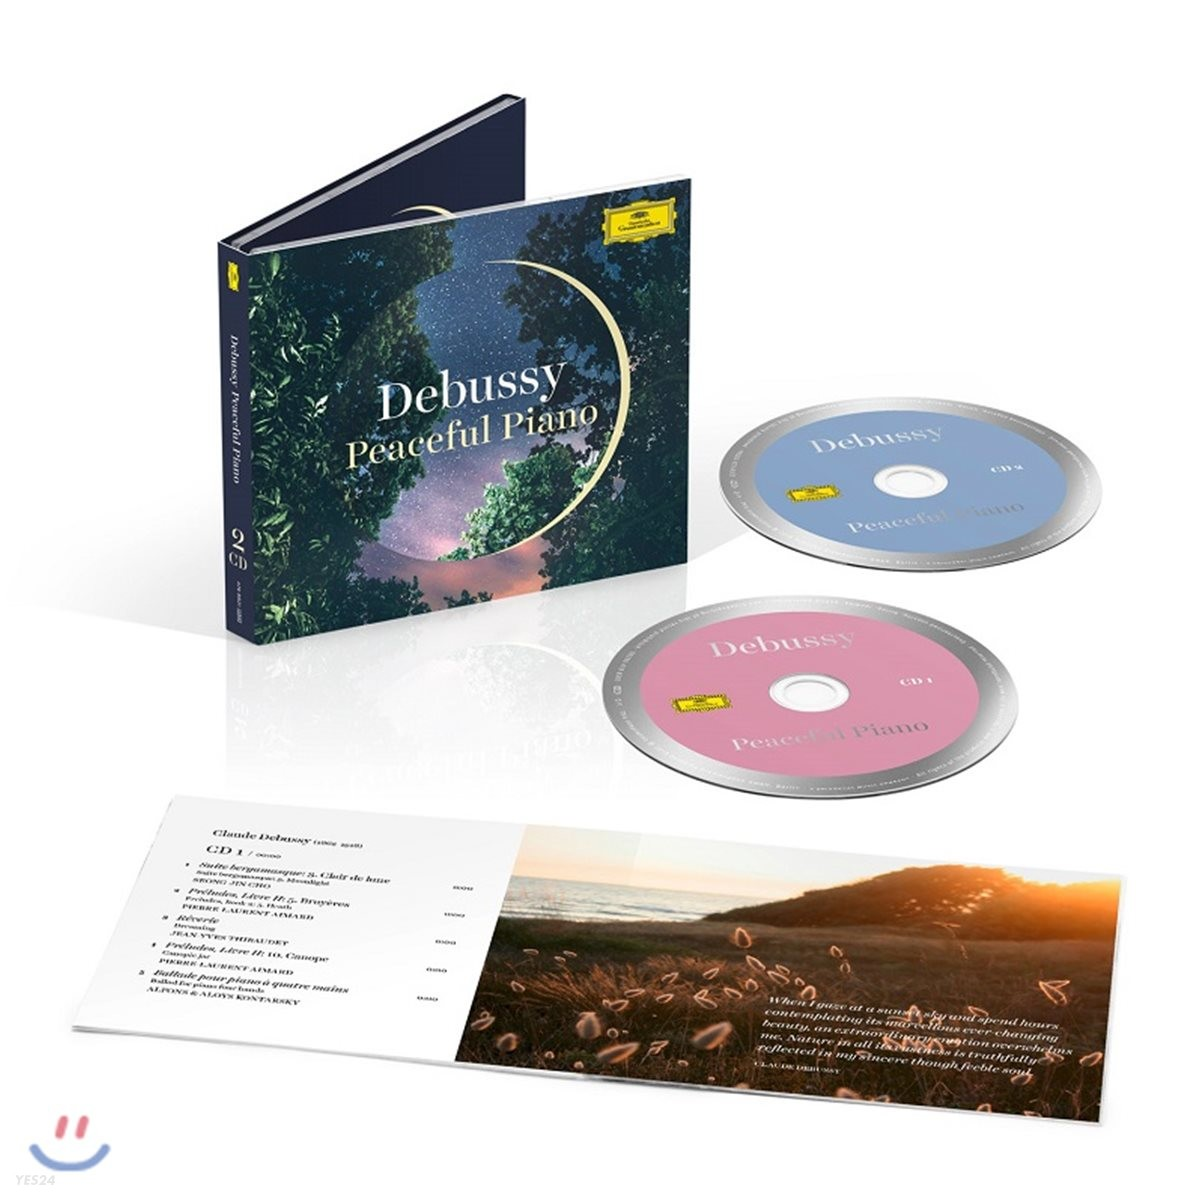 드뷔시 - 평화로운 피아노 [피아노 명연주 모음집] (Debussy: Peaceful Piano)